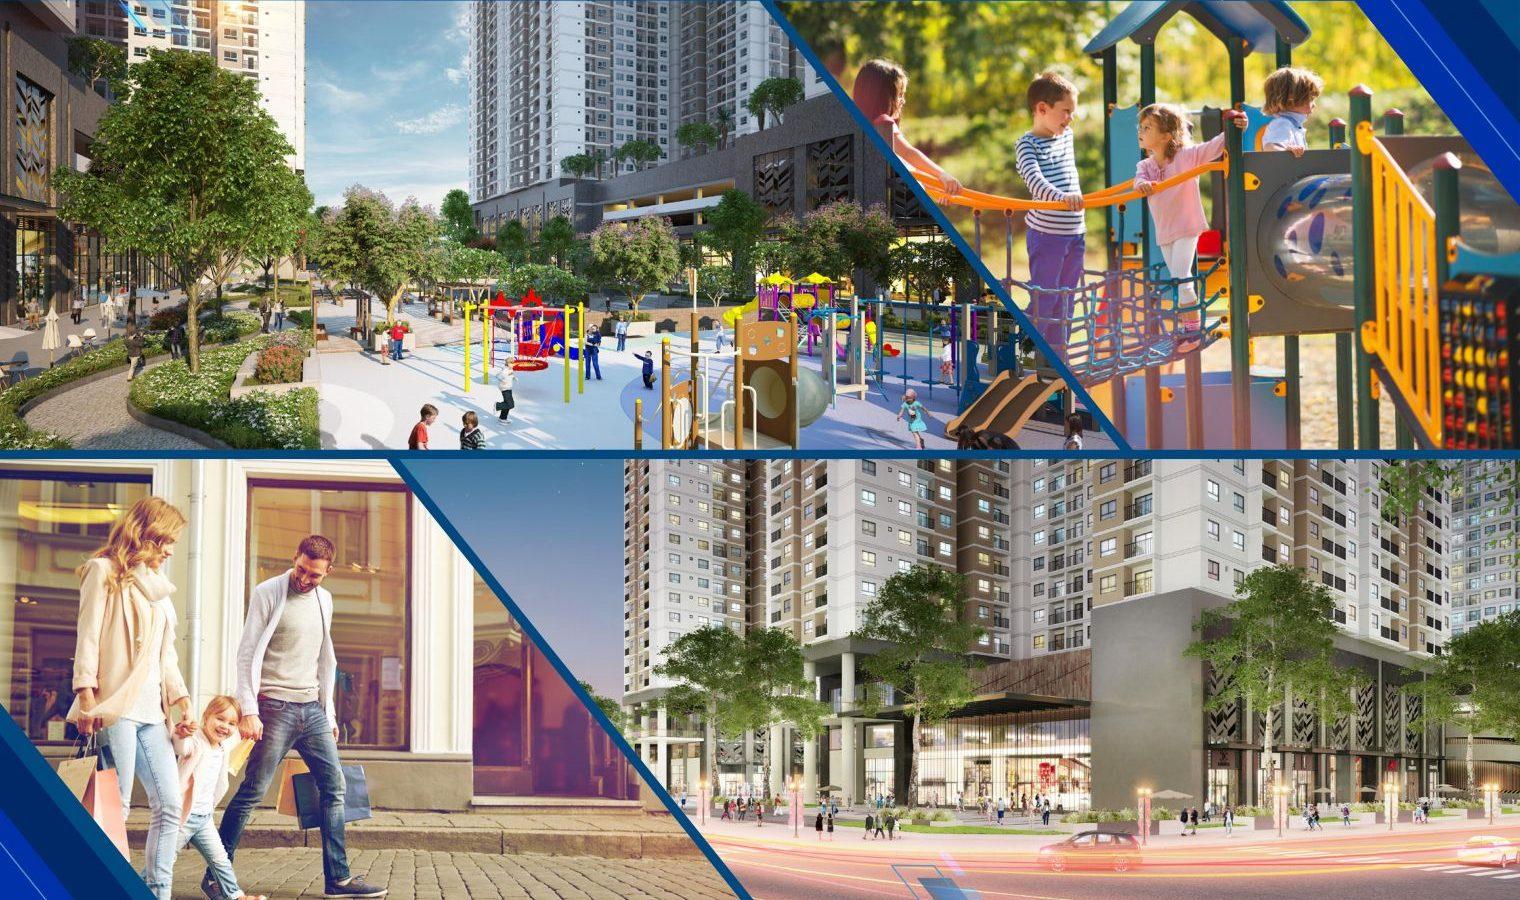 Tiện ích nội khu căn họ tái định cư Phú Mỹ 2 - Q7 Boulevard Nguyễn Lương Bằng